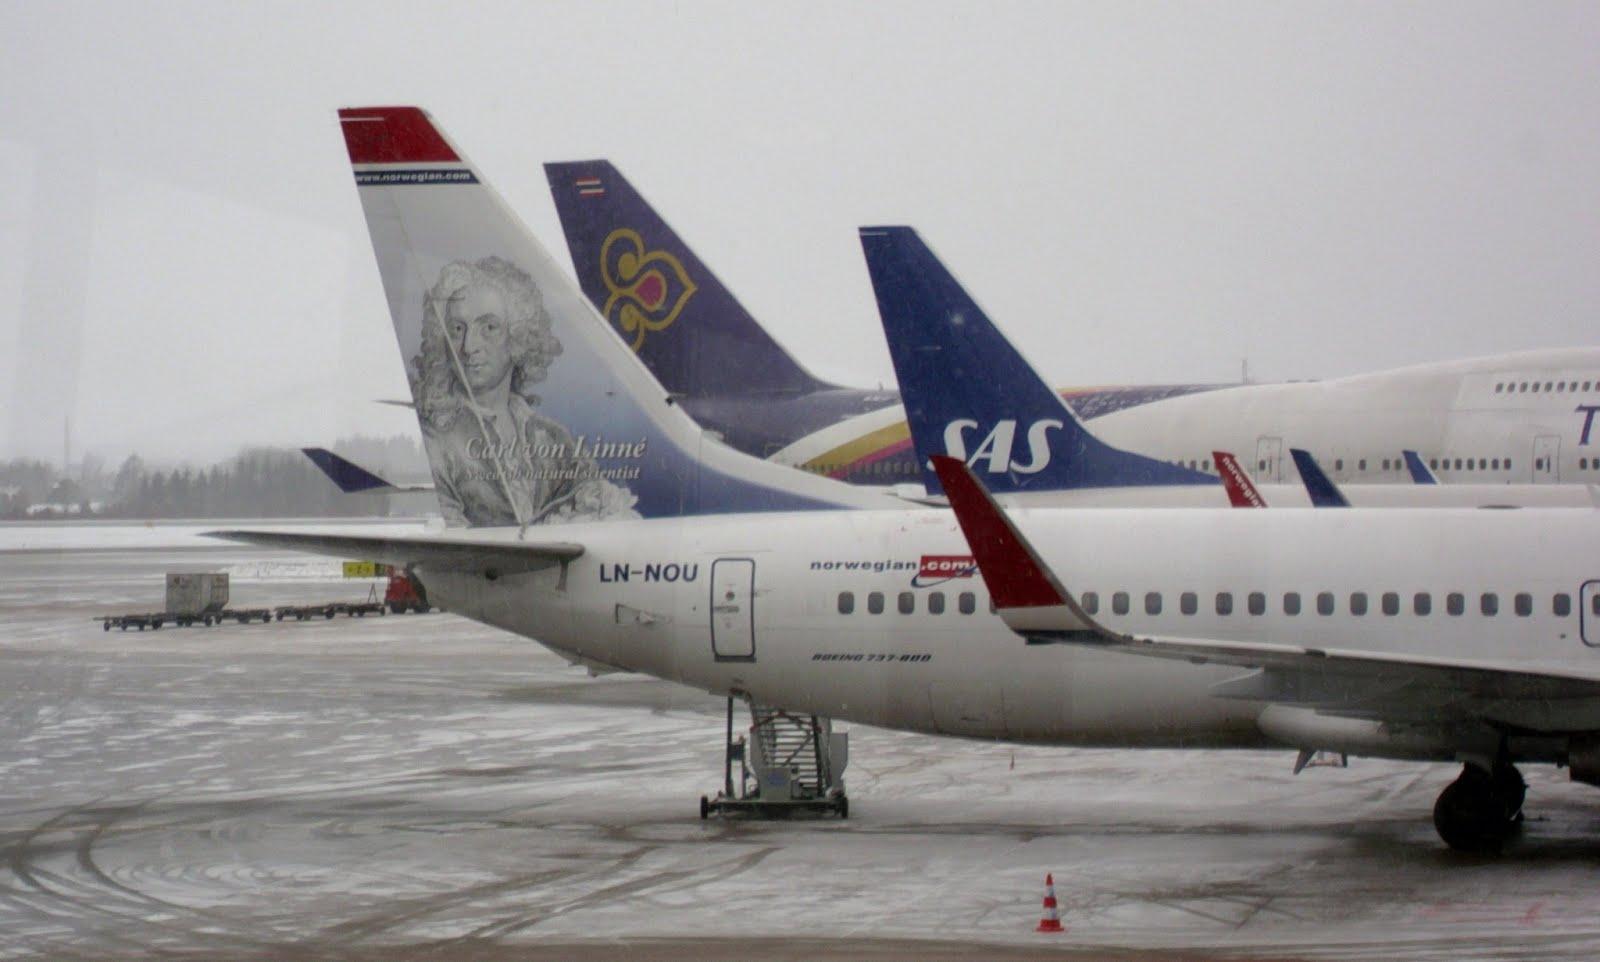 Stockholm Arlanda Airport, January 13, 2013